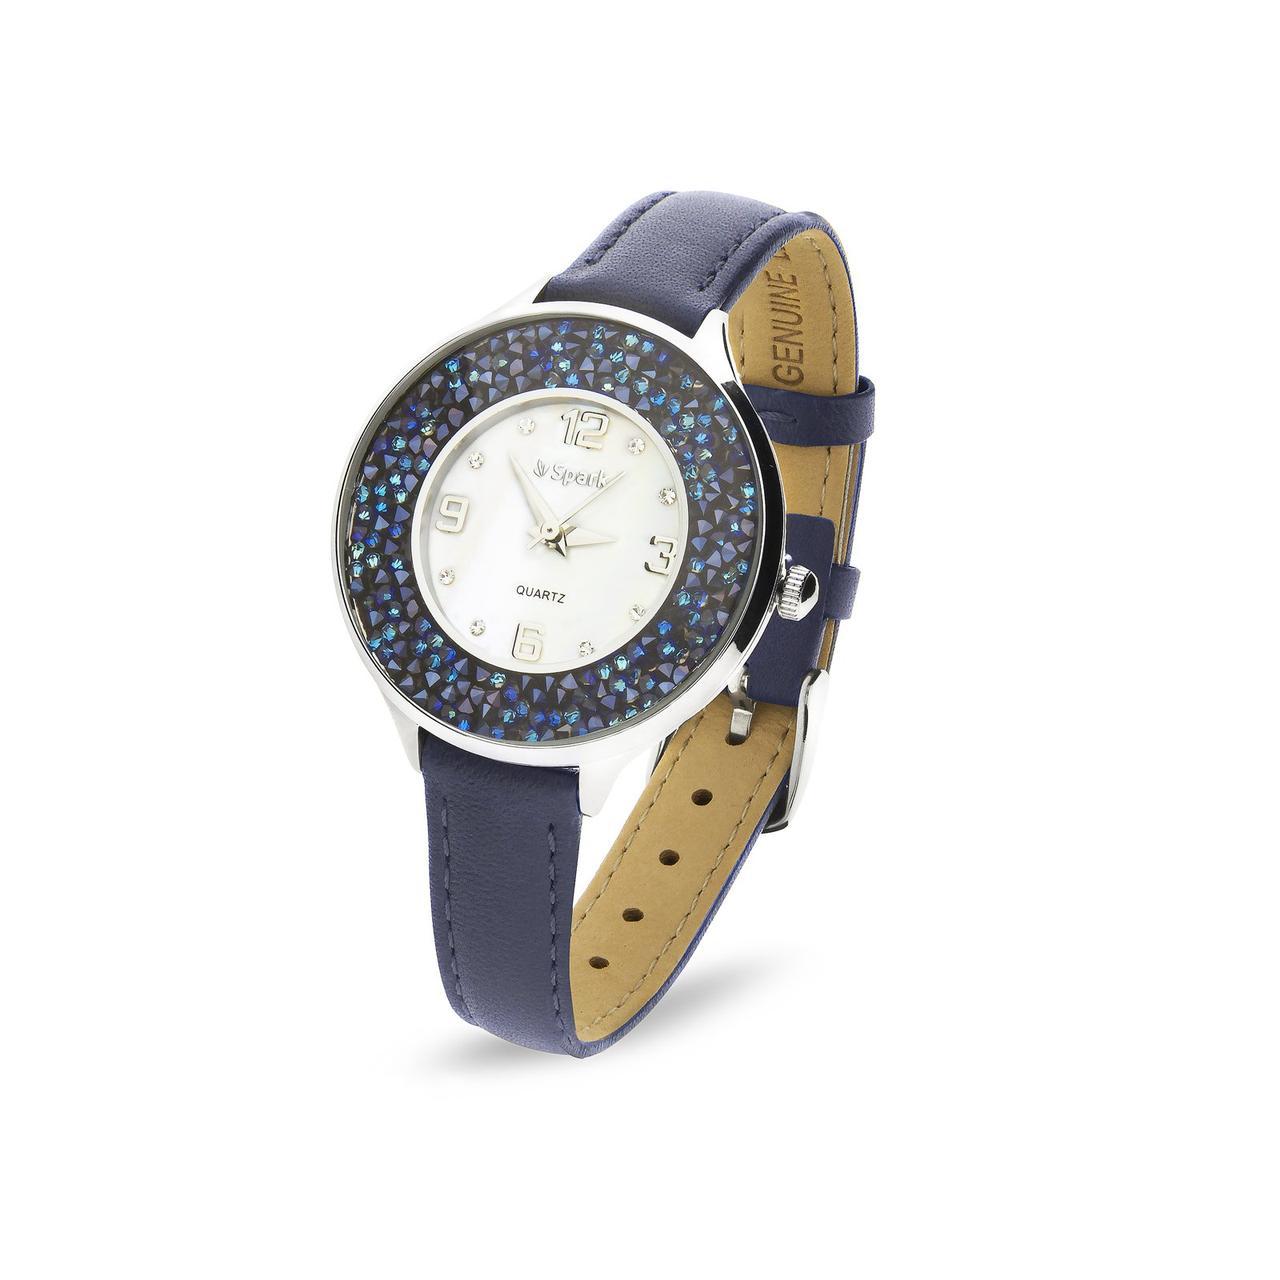 Женские часы Spark Oriso со Swarovski модели ZCR34BB